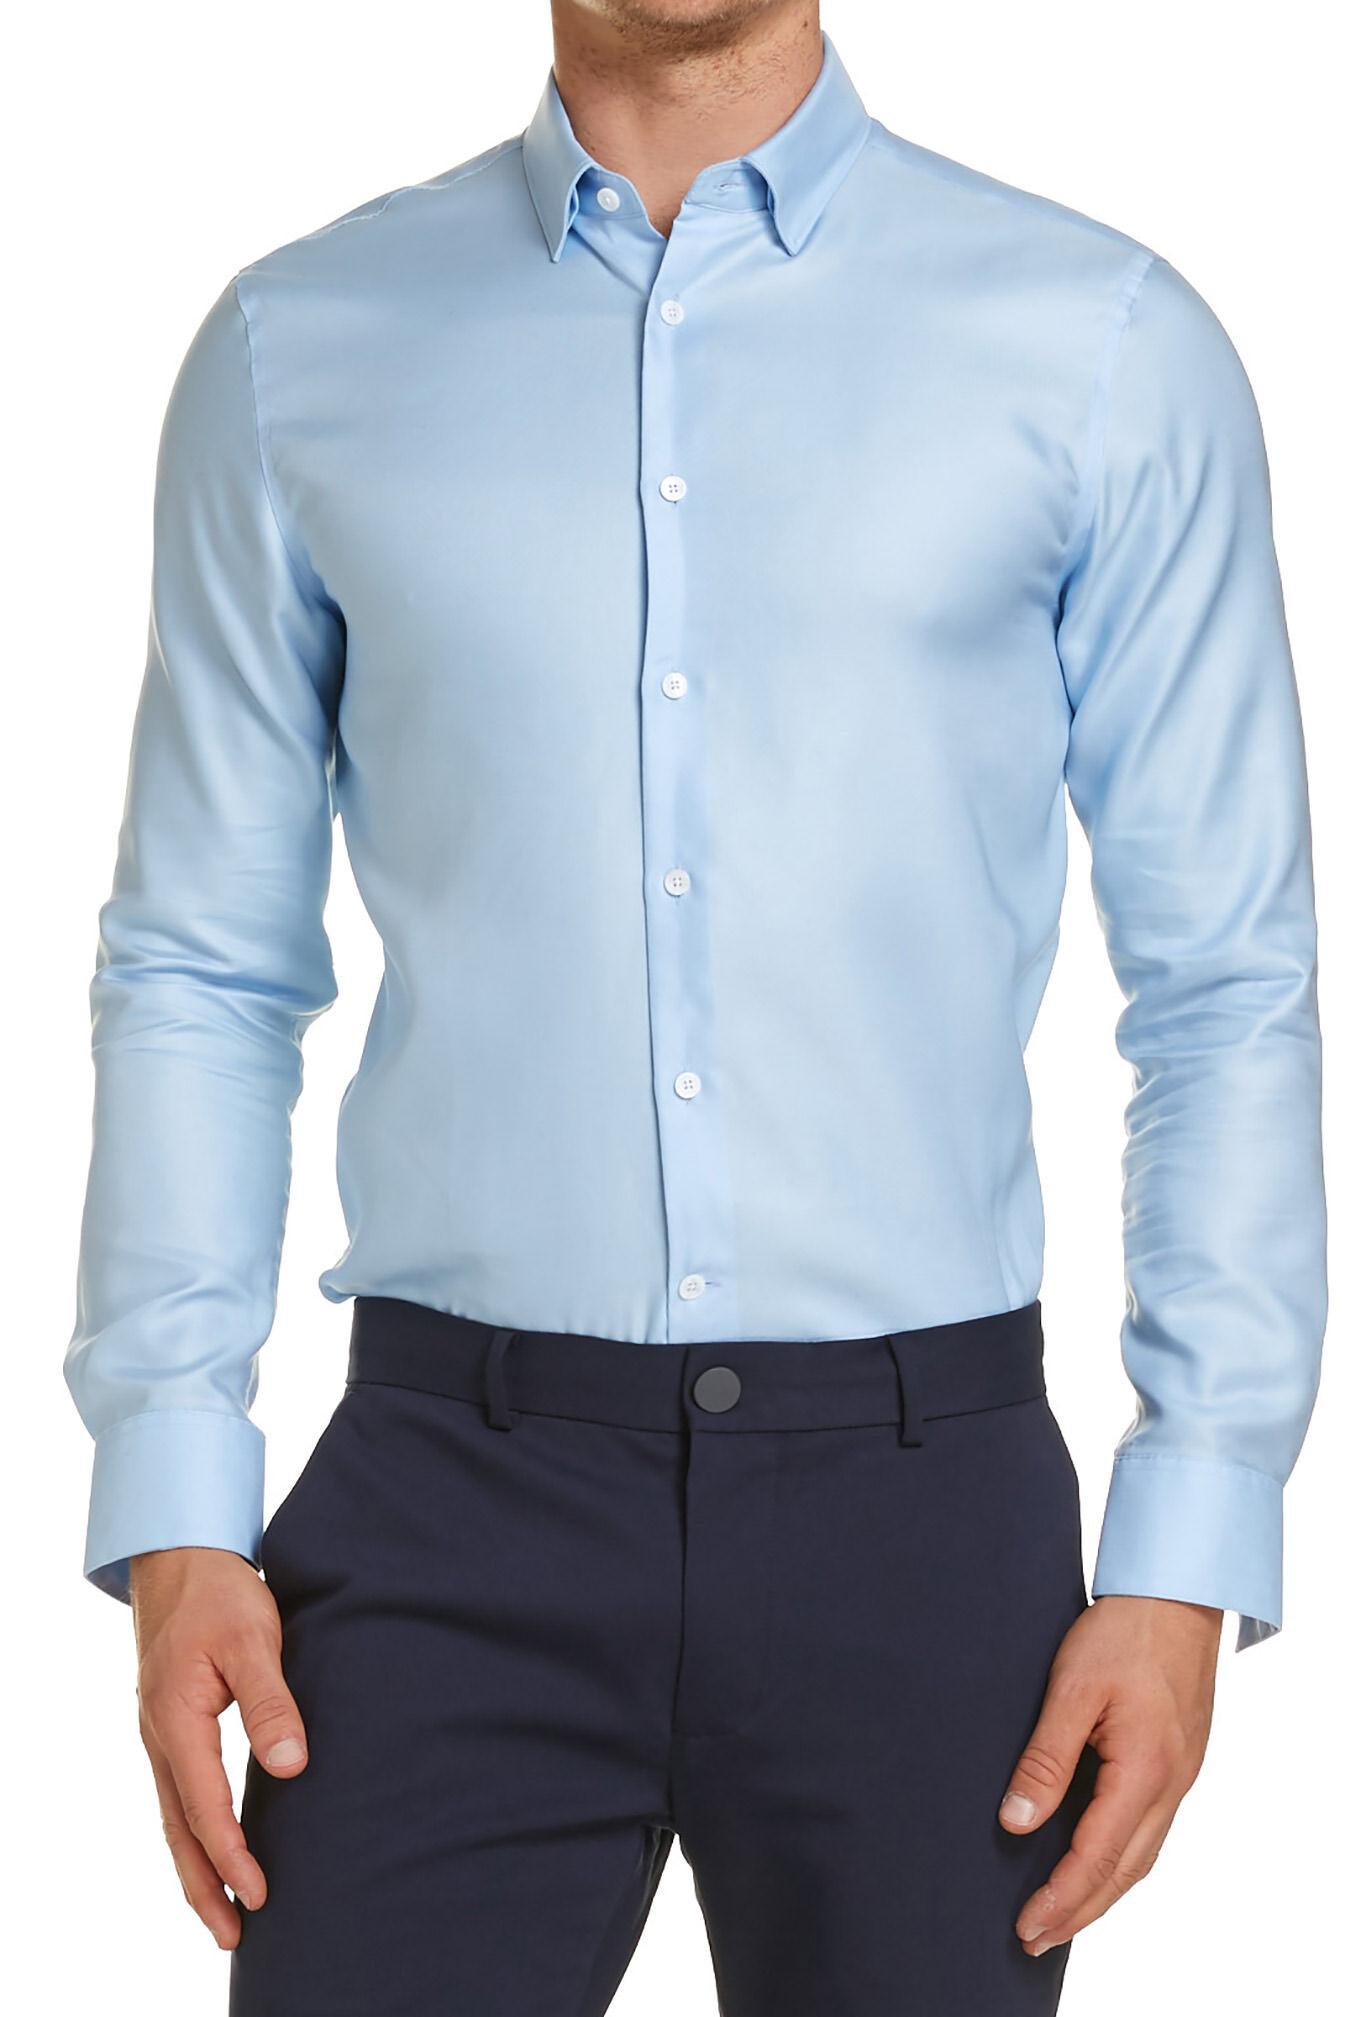 Arthur Oxford Shirt-SKY-XS 7::41331::45056::aud